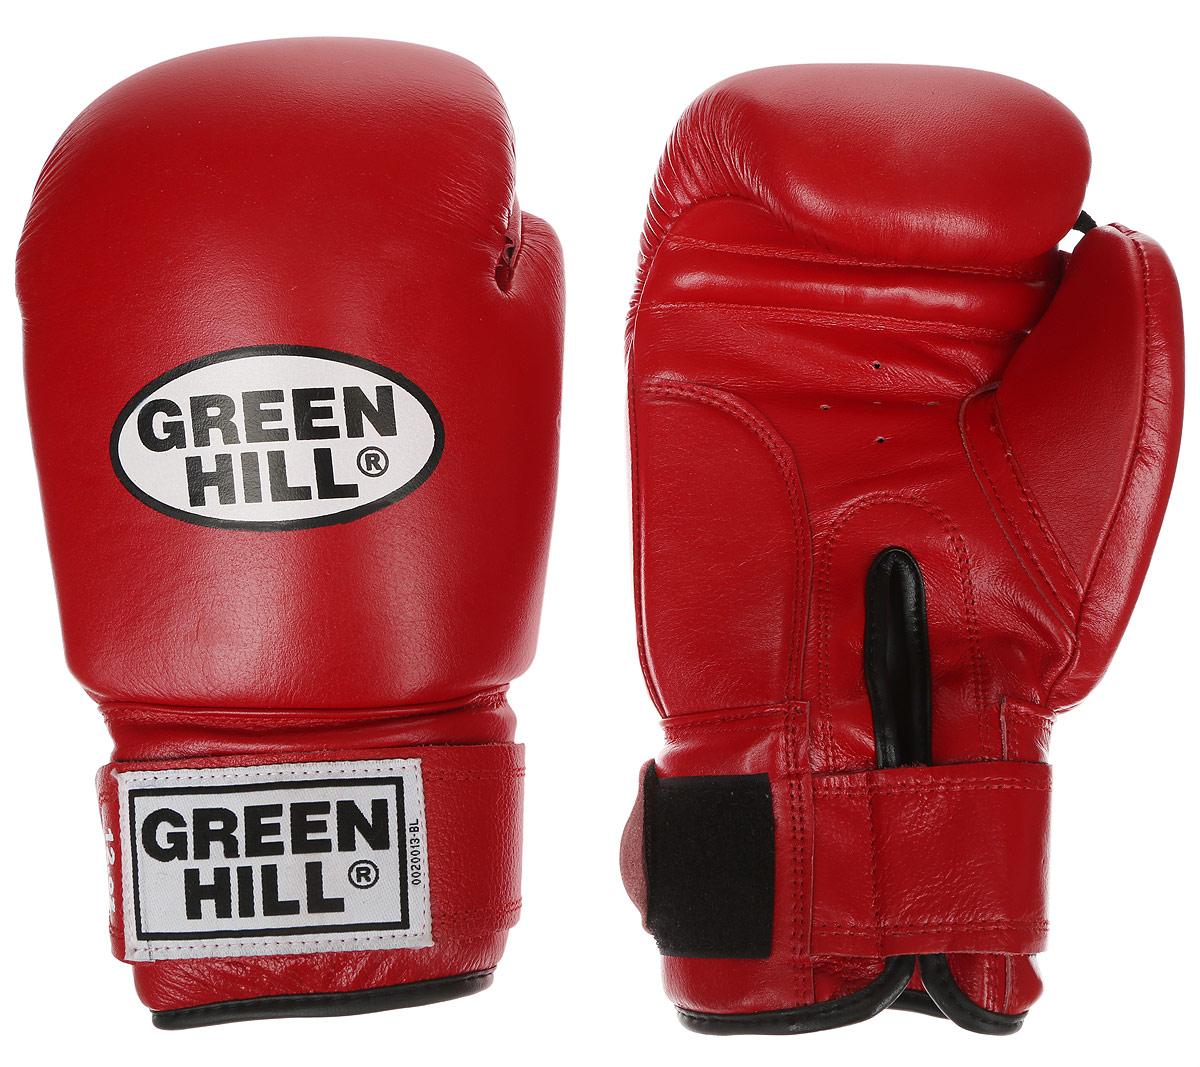 Перчатки боксерские Green Hill Super Star, цвет: красный, белый. Вес 12 унций. BGS-1213сBGS-1213сБоксерские перчатки Green Hill Super Star предназначены для использования профессионалами. Подойдут для спаррингов и соревнований. Верх выполнен из натуральной кожи, наполнитель - из вспененного полимера. Отверстие в области ладони позволяет создать максимально комфортный терморежим во время занятий. Манжет на липучке способствует быстрому и удобному надеванию перчаток, плотно фиксирует перчатки на руке.